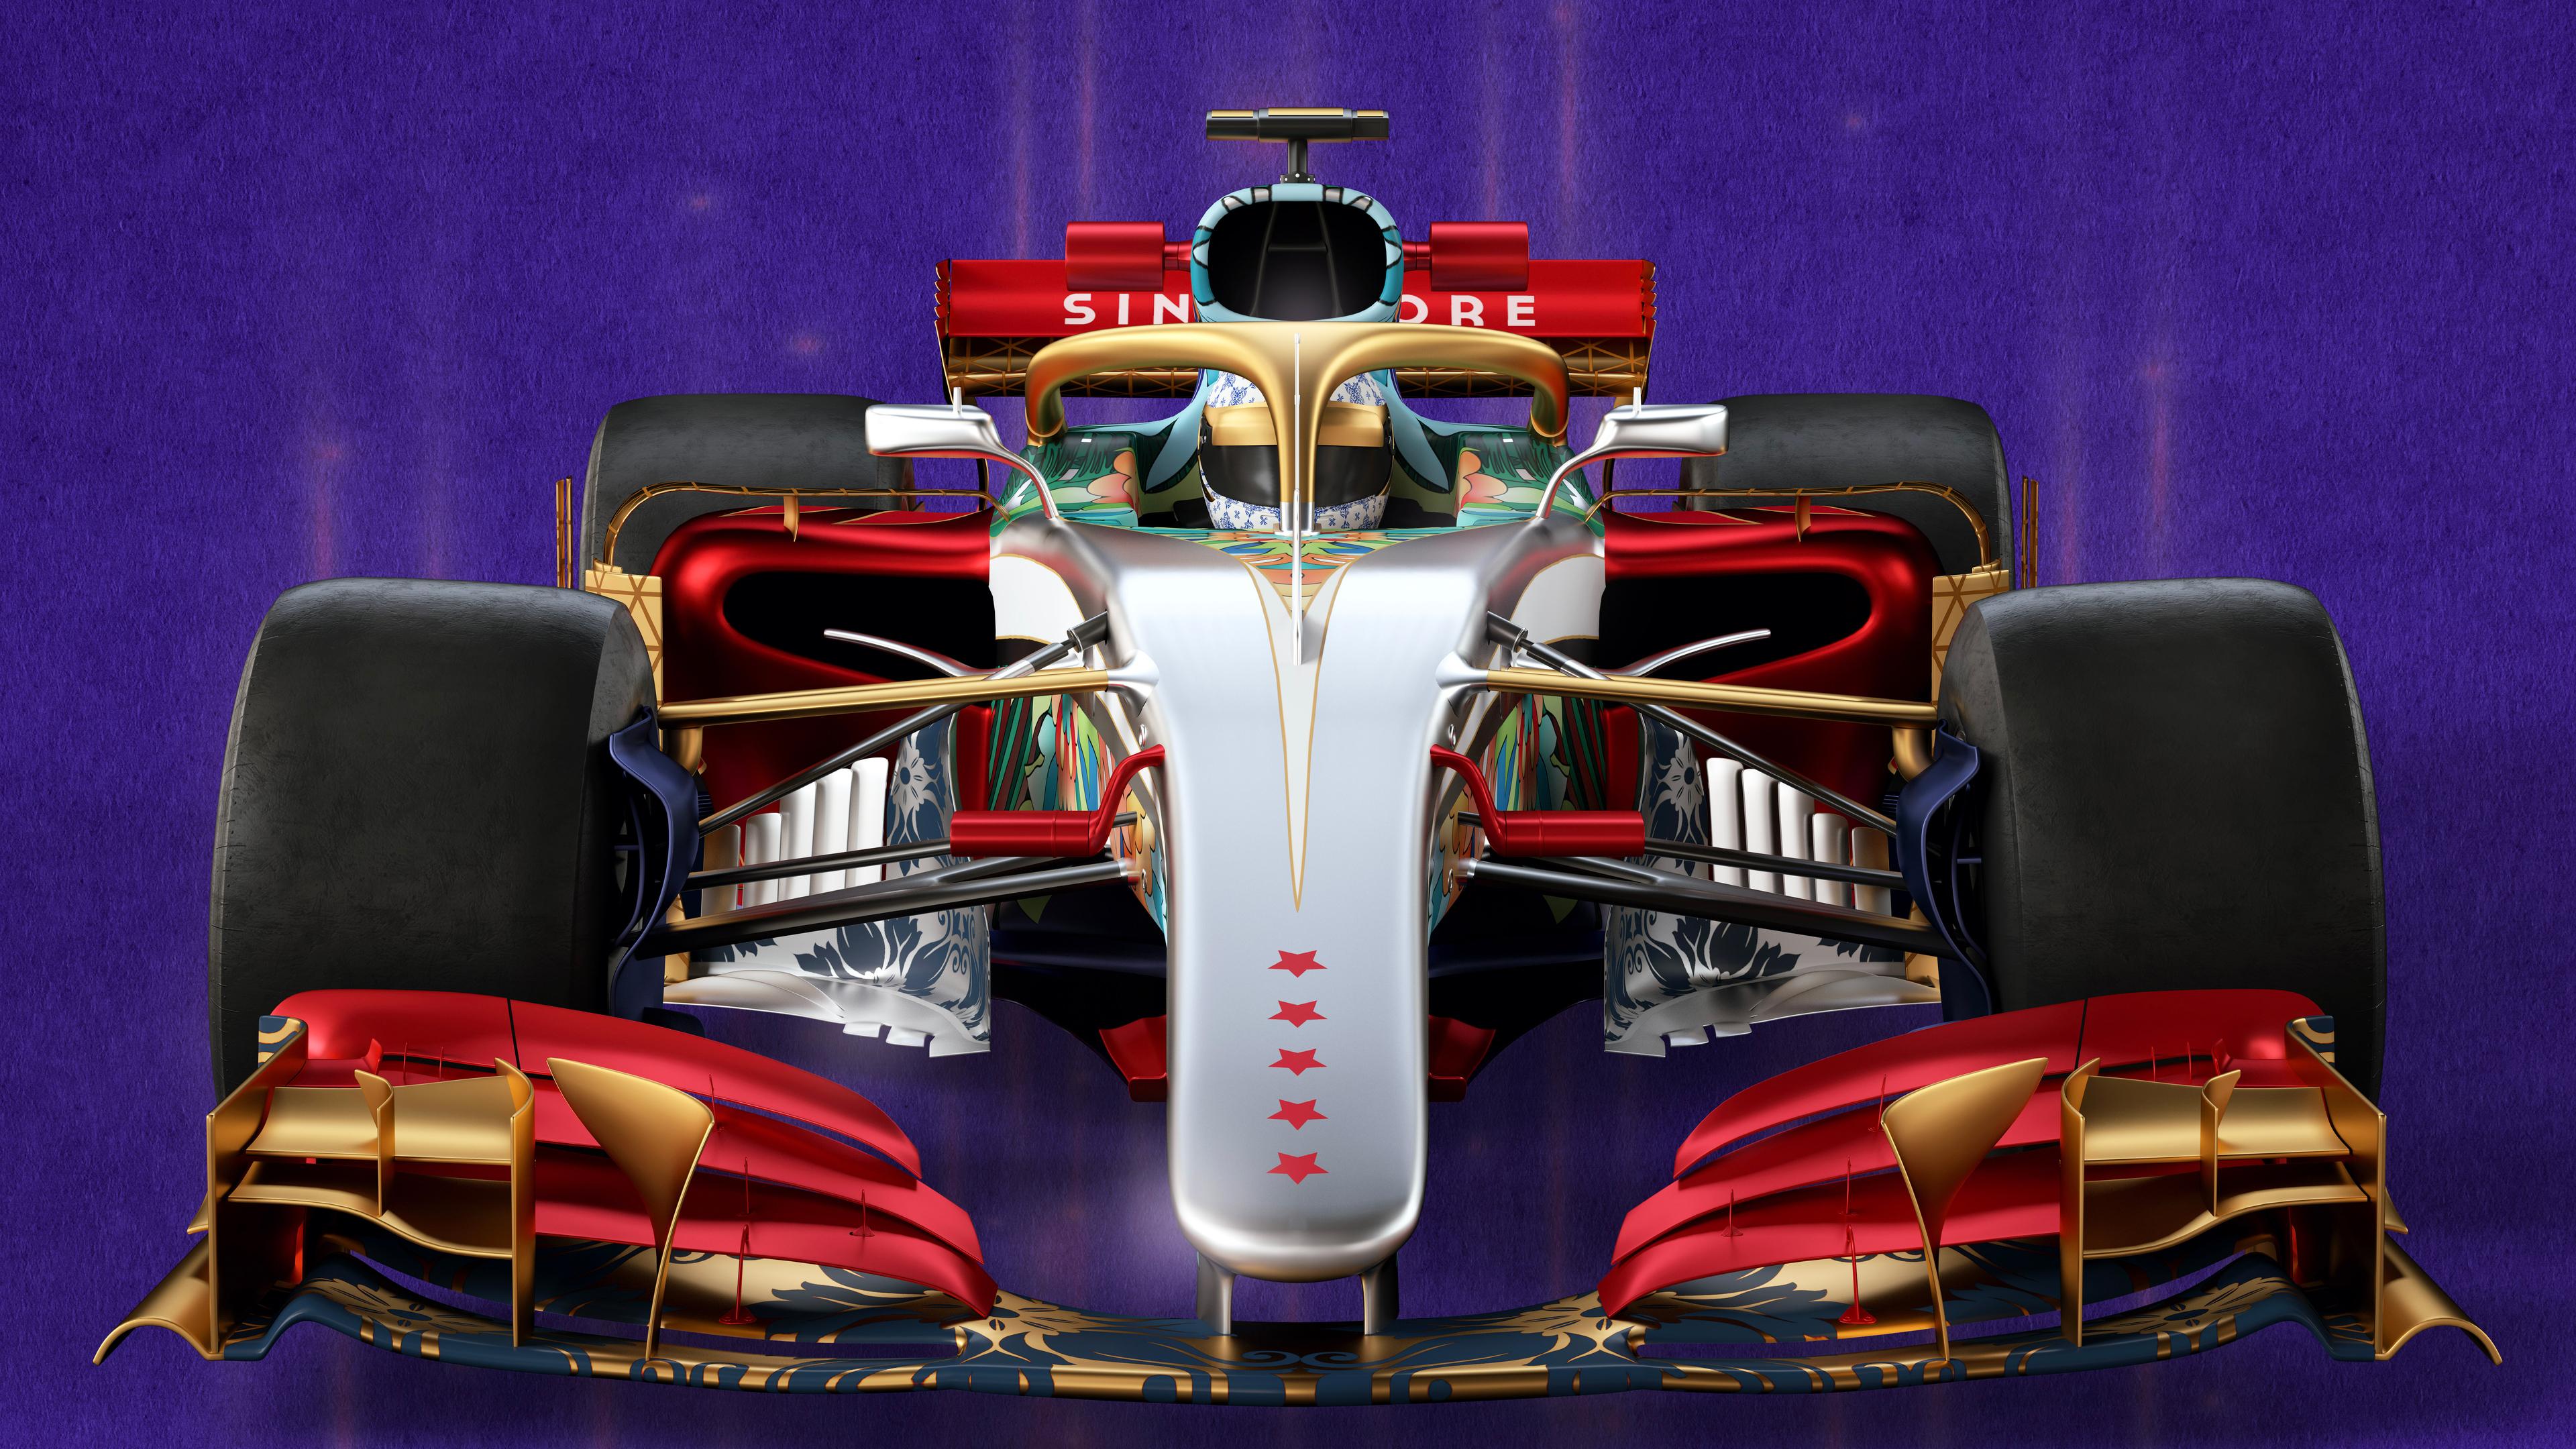 f1 grand prix 4k 1547937066 - F1 Grand Prix 4k - hd-wallpapers, f1 wallpapers, cars wallpapers, art wallpapers, 8k wallpapers, 5k wallpapers, 4k-wallpapers, 10k wallpapers